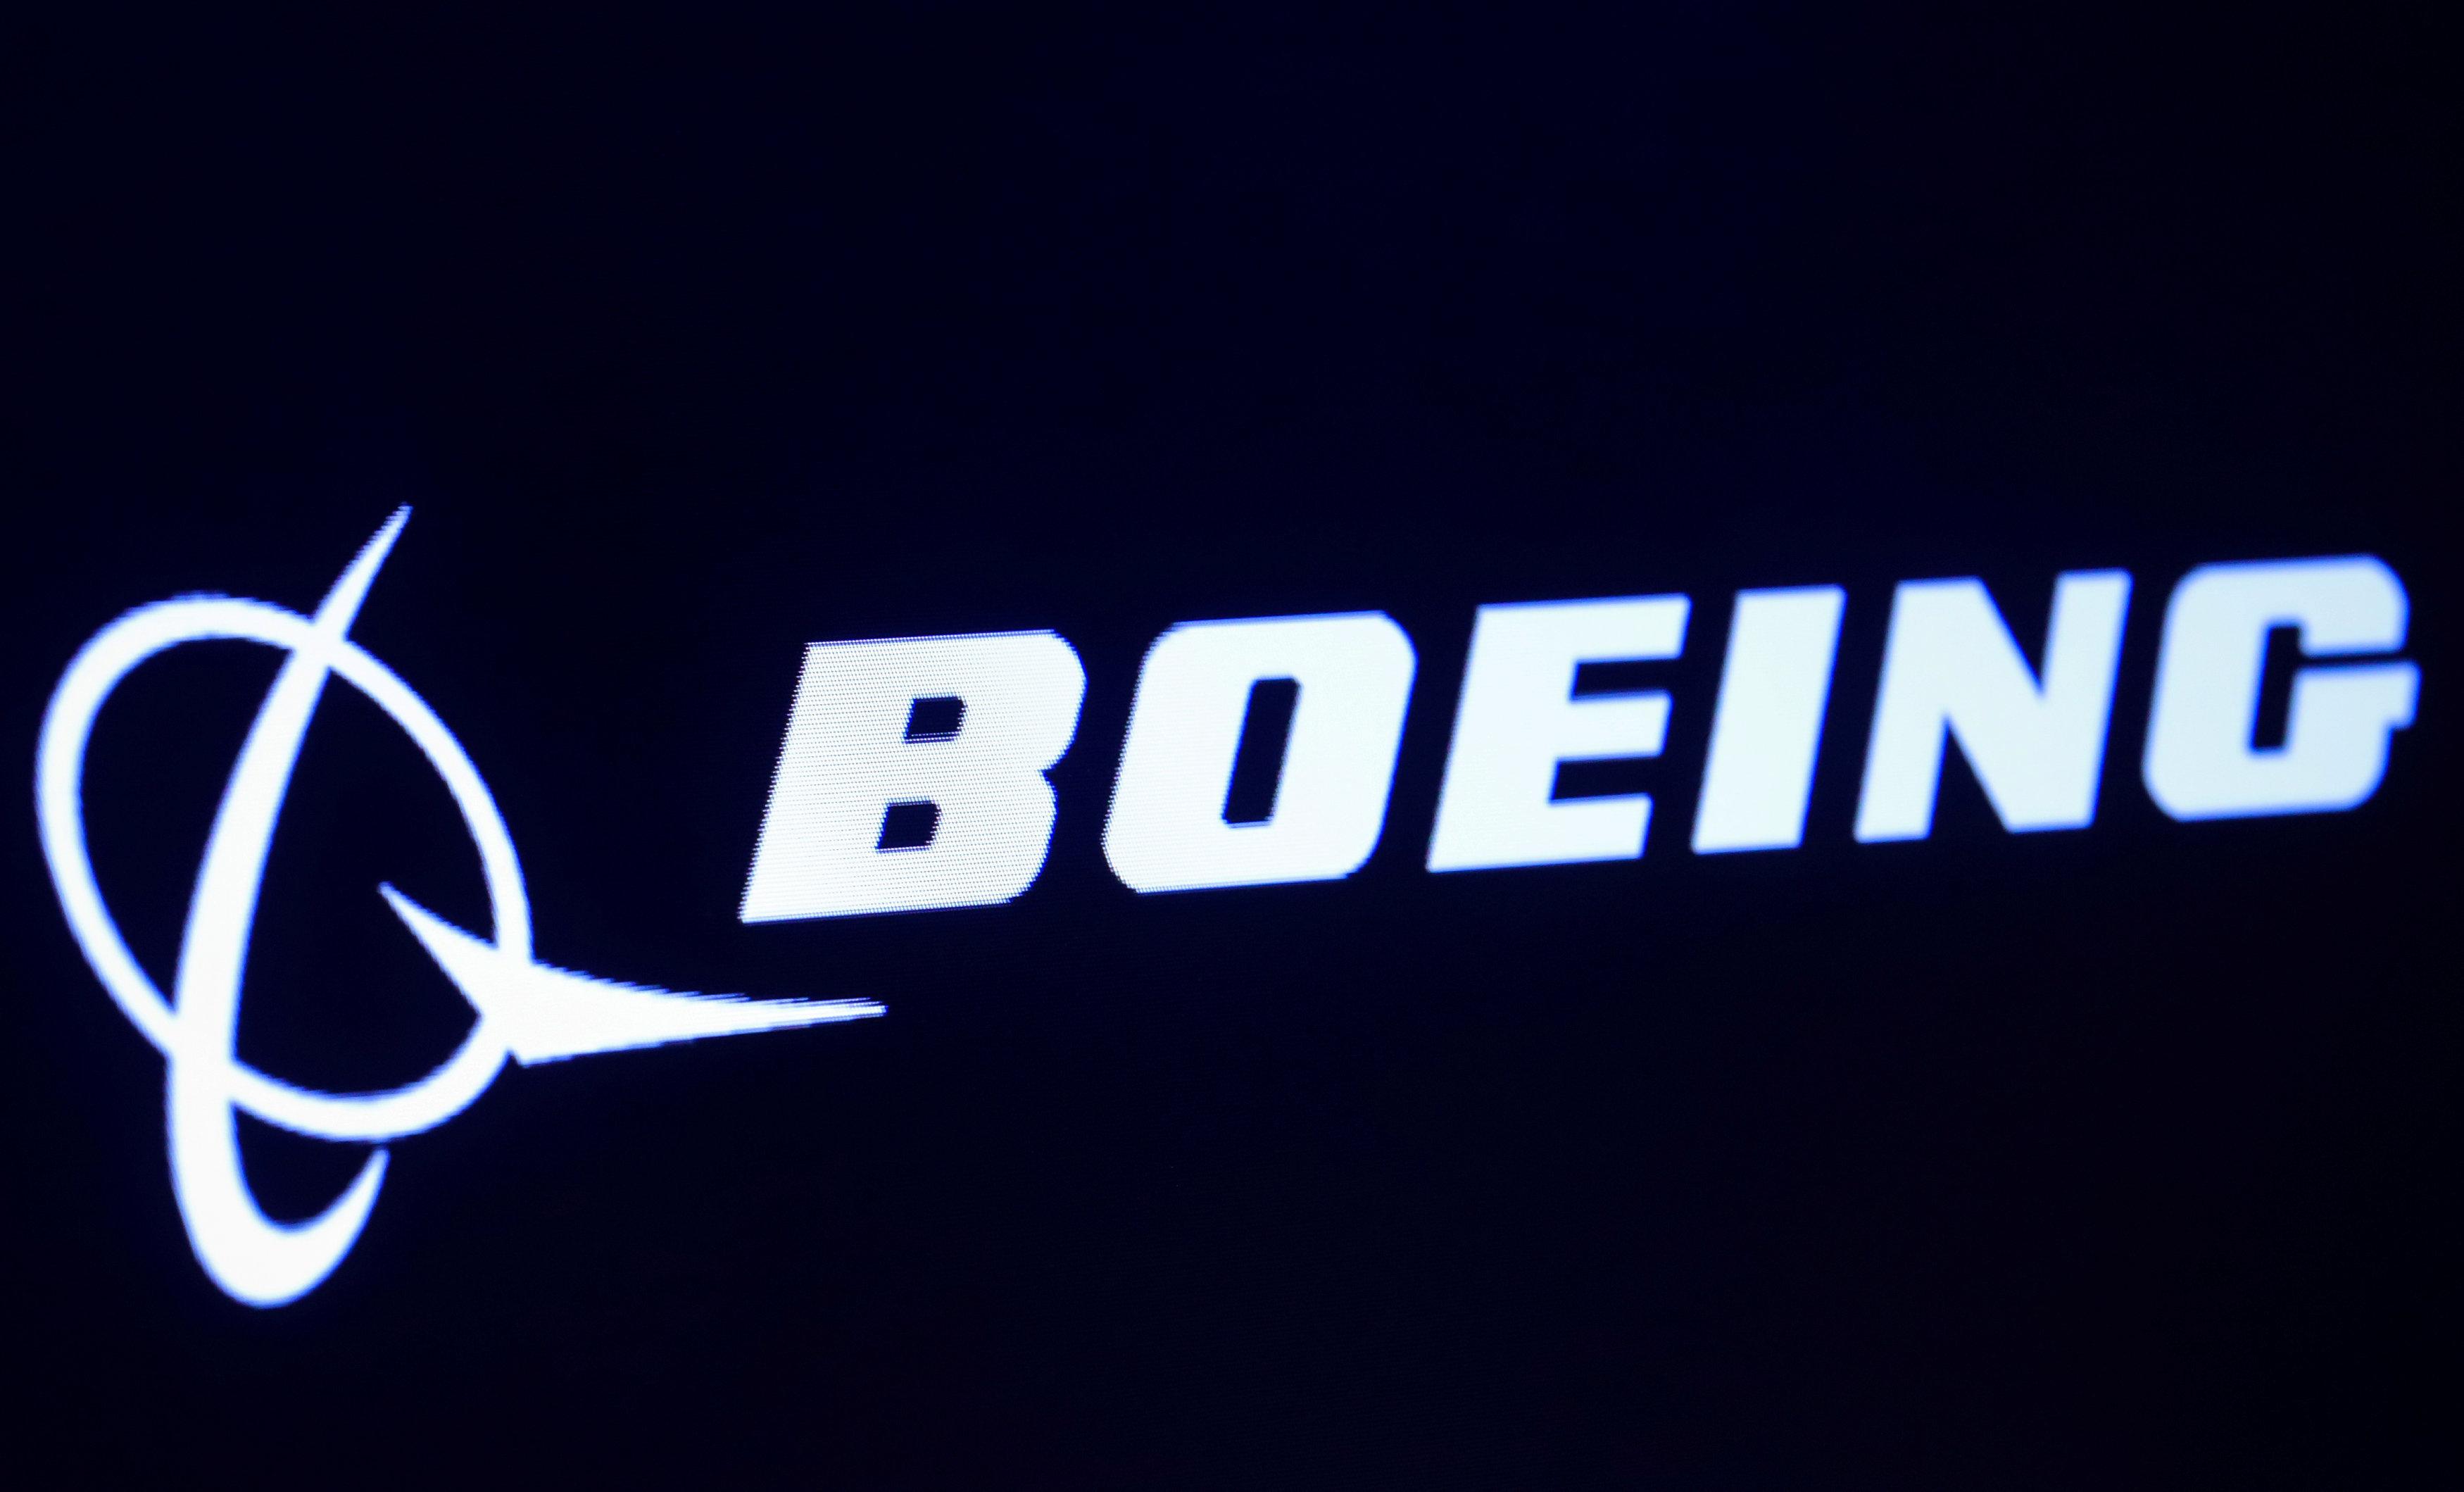 Τελικά... θέλουν τα Boeing 737 MAX η όχι; Το δίλημμα που προβληματίζει τις εταιρείες